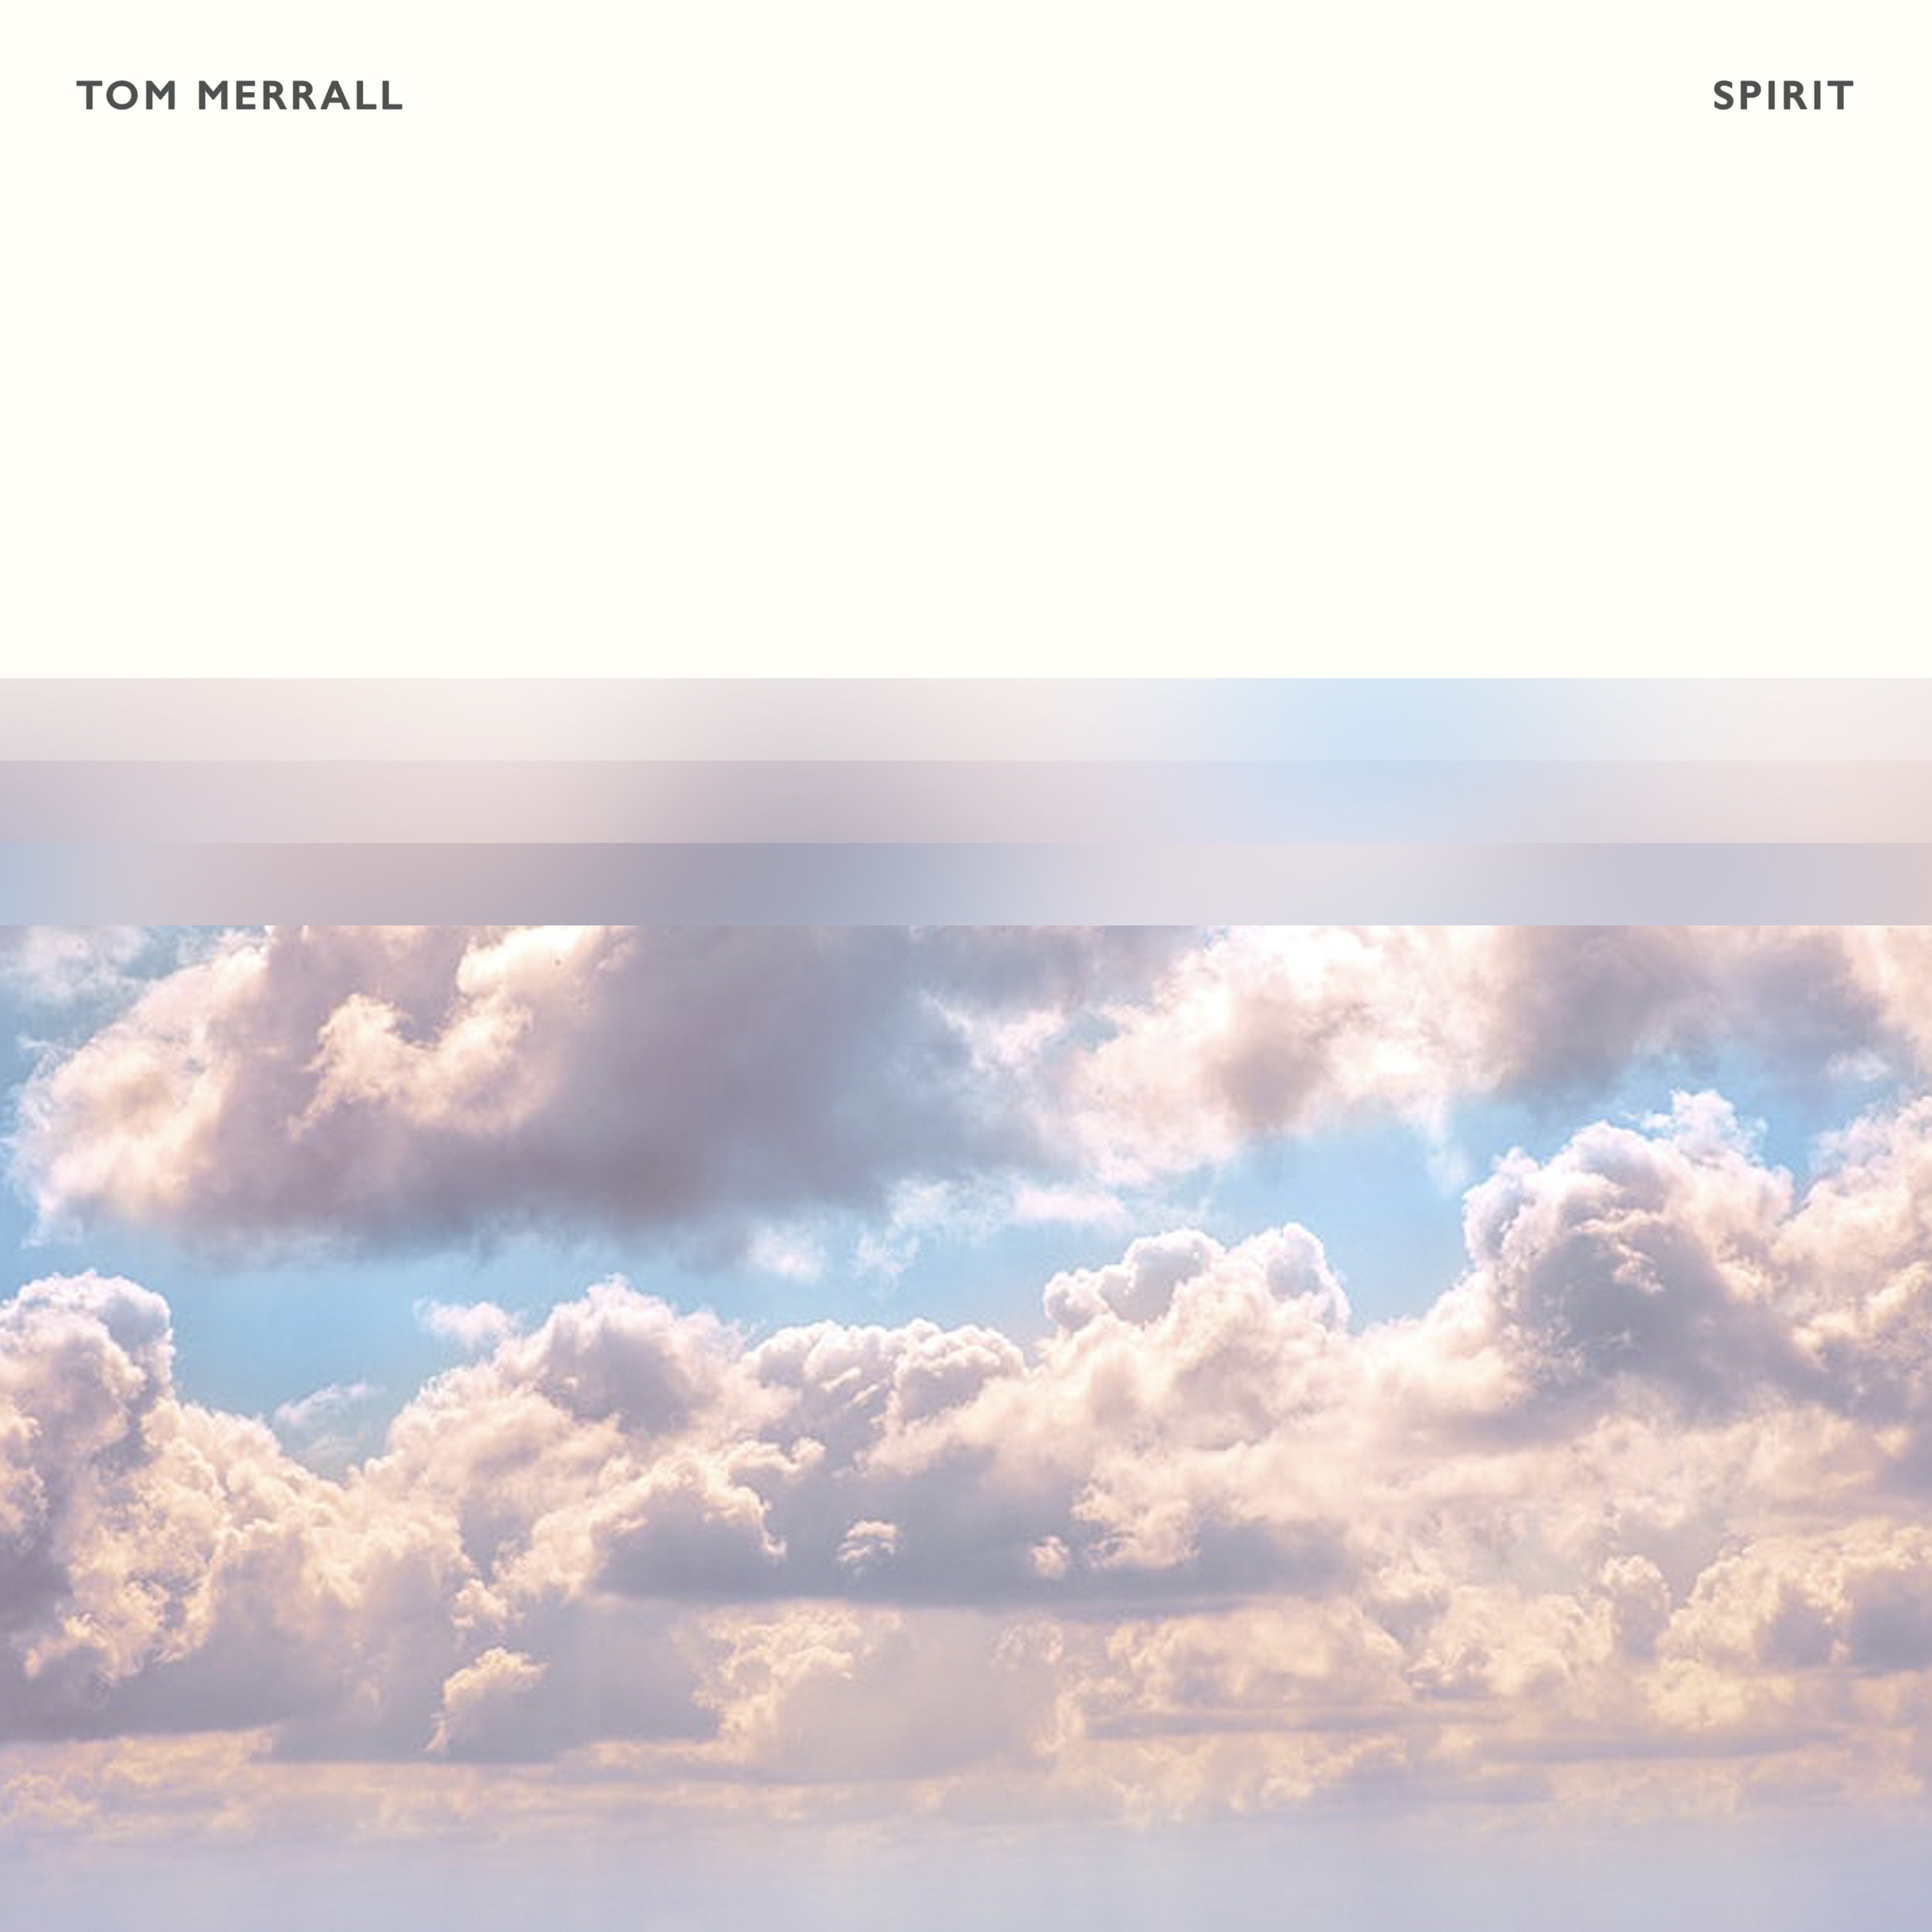 Tom Merrall - Spirit